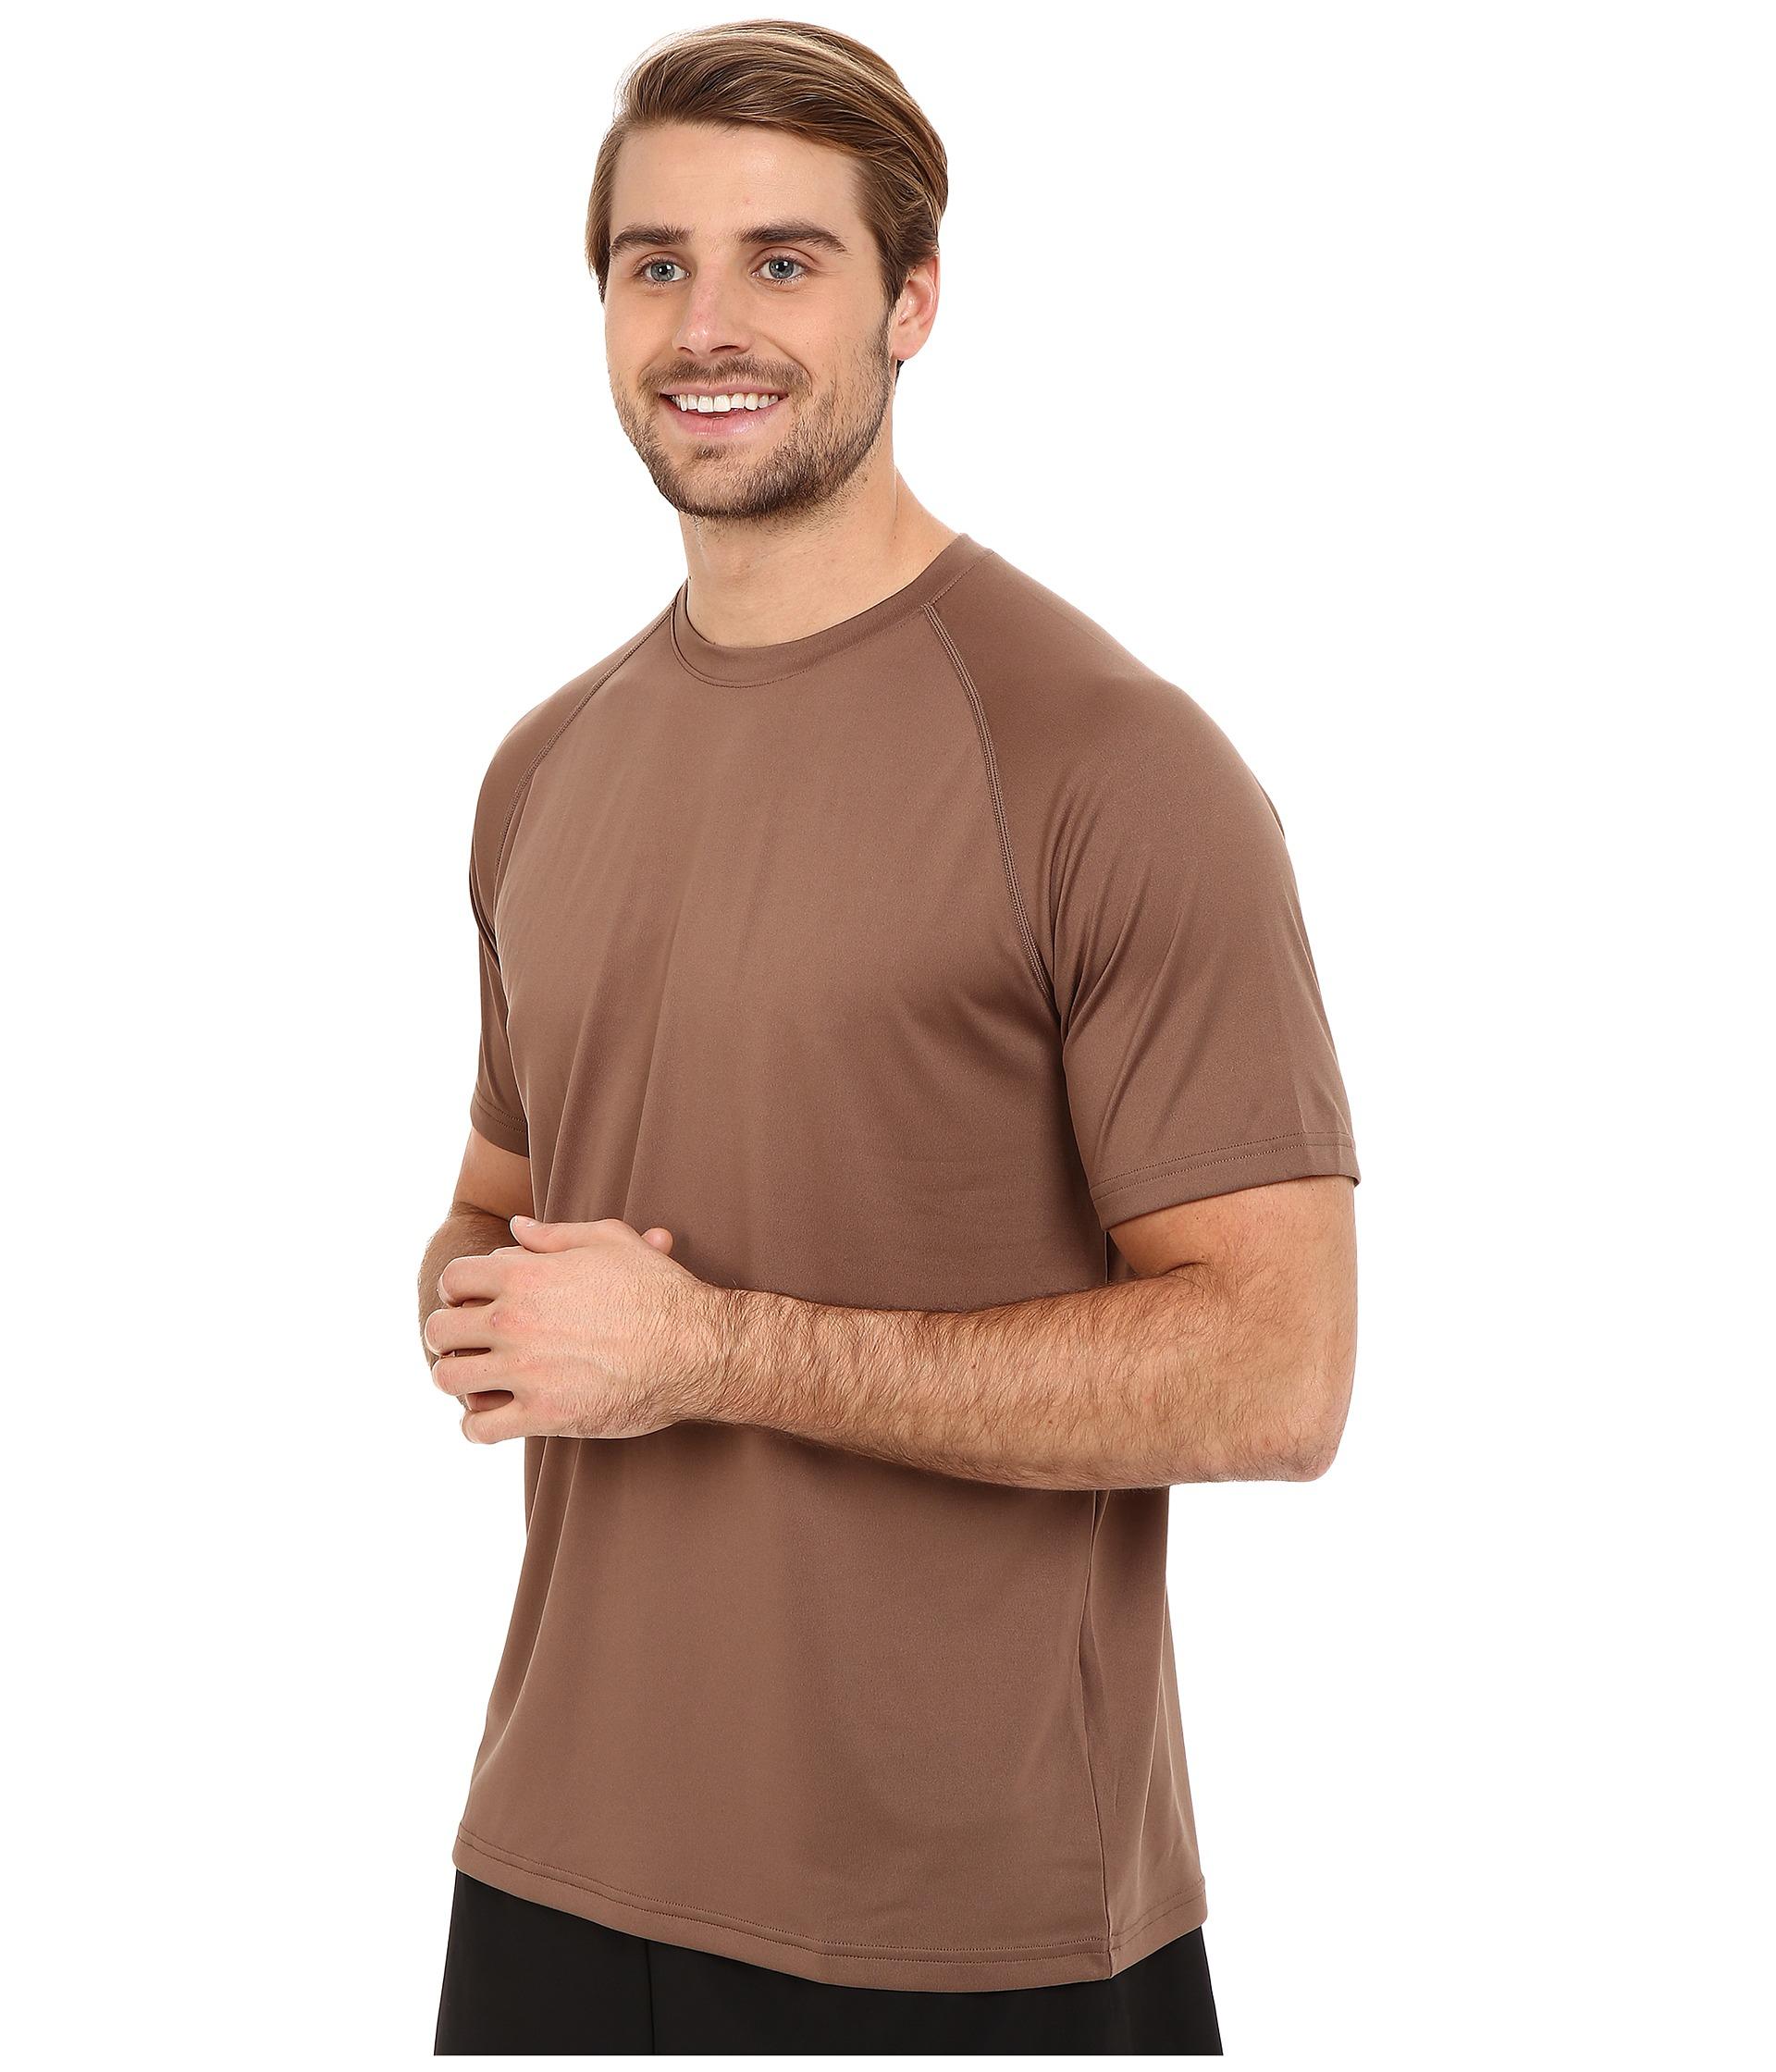 Under Armour Mens Tactical Tech T Shirt